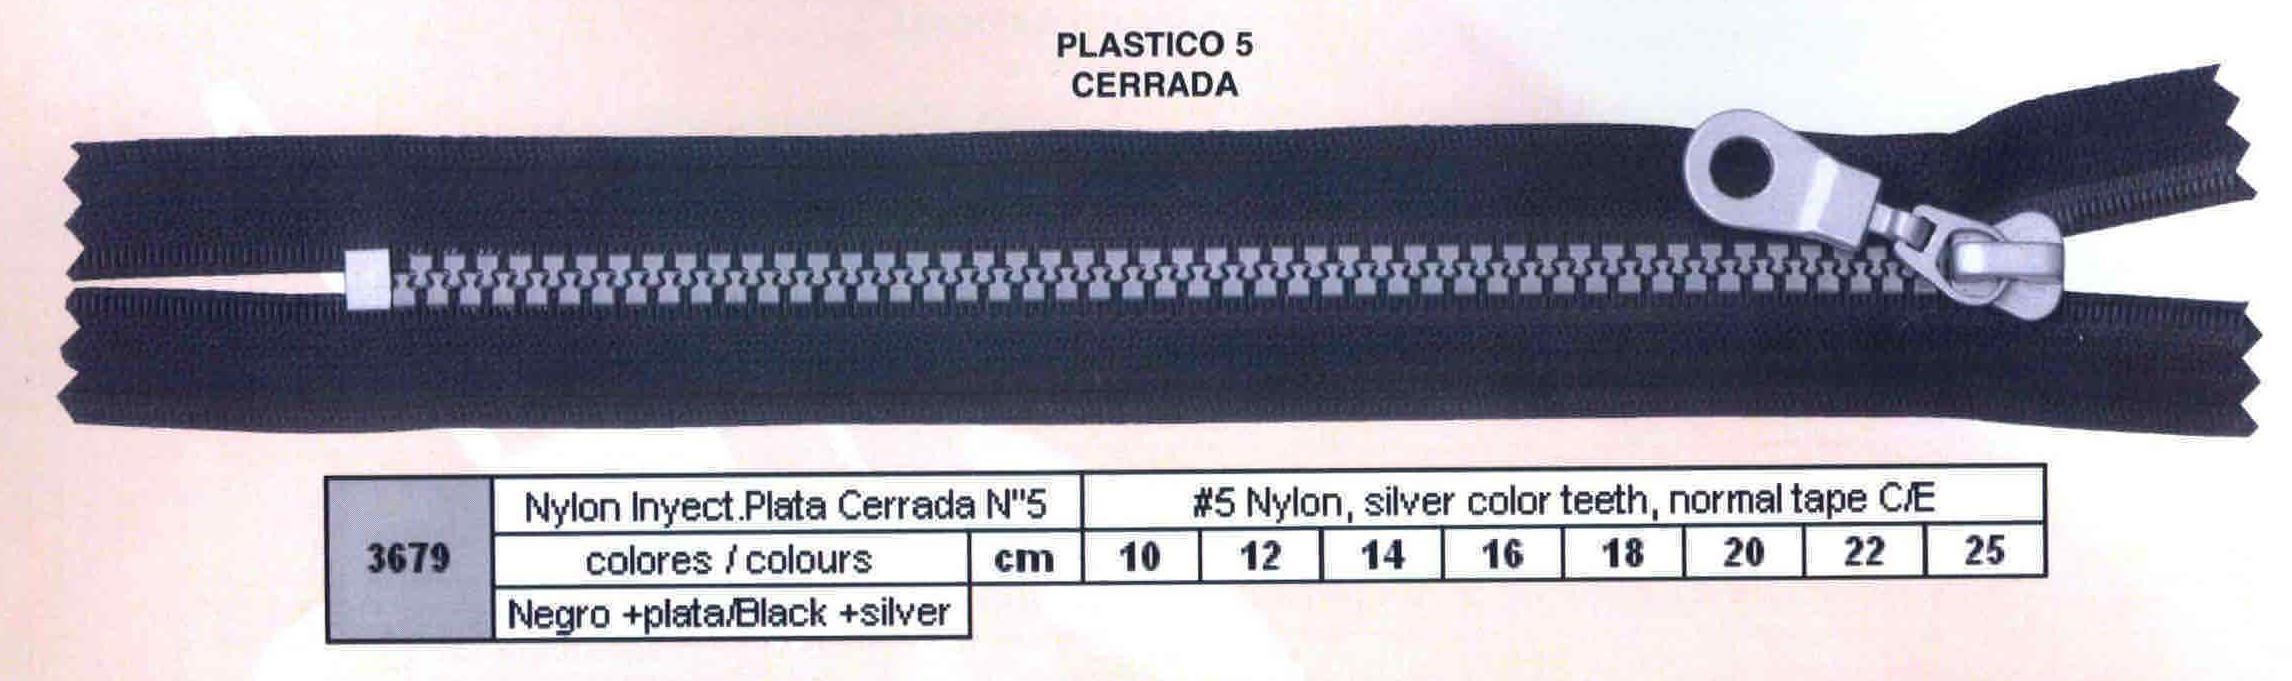 Cremallera SNS Nylon Inyectada Plata Cerrada num. 5